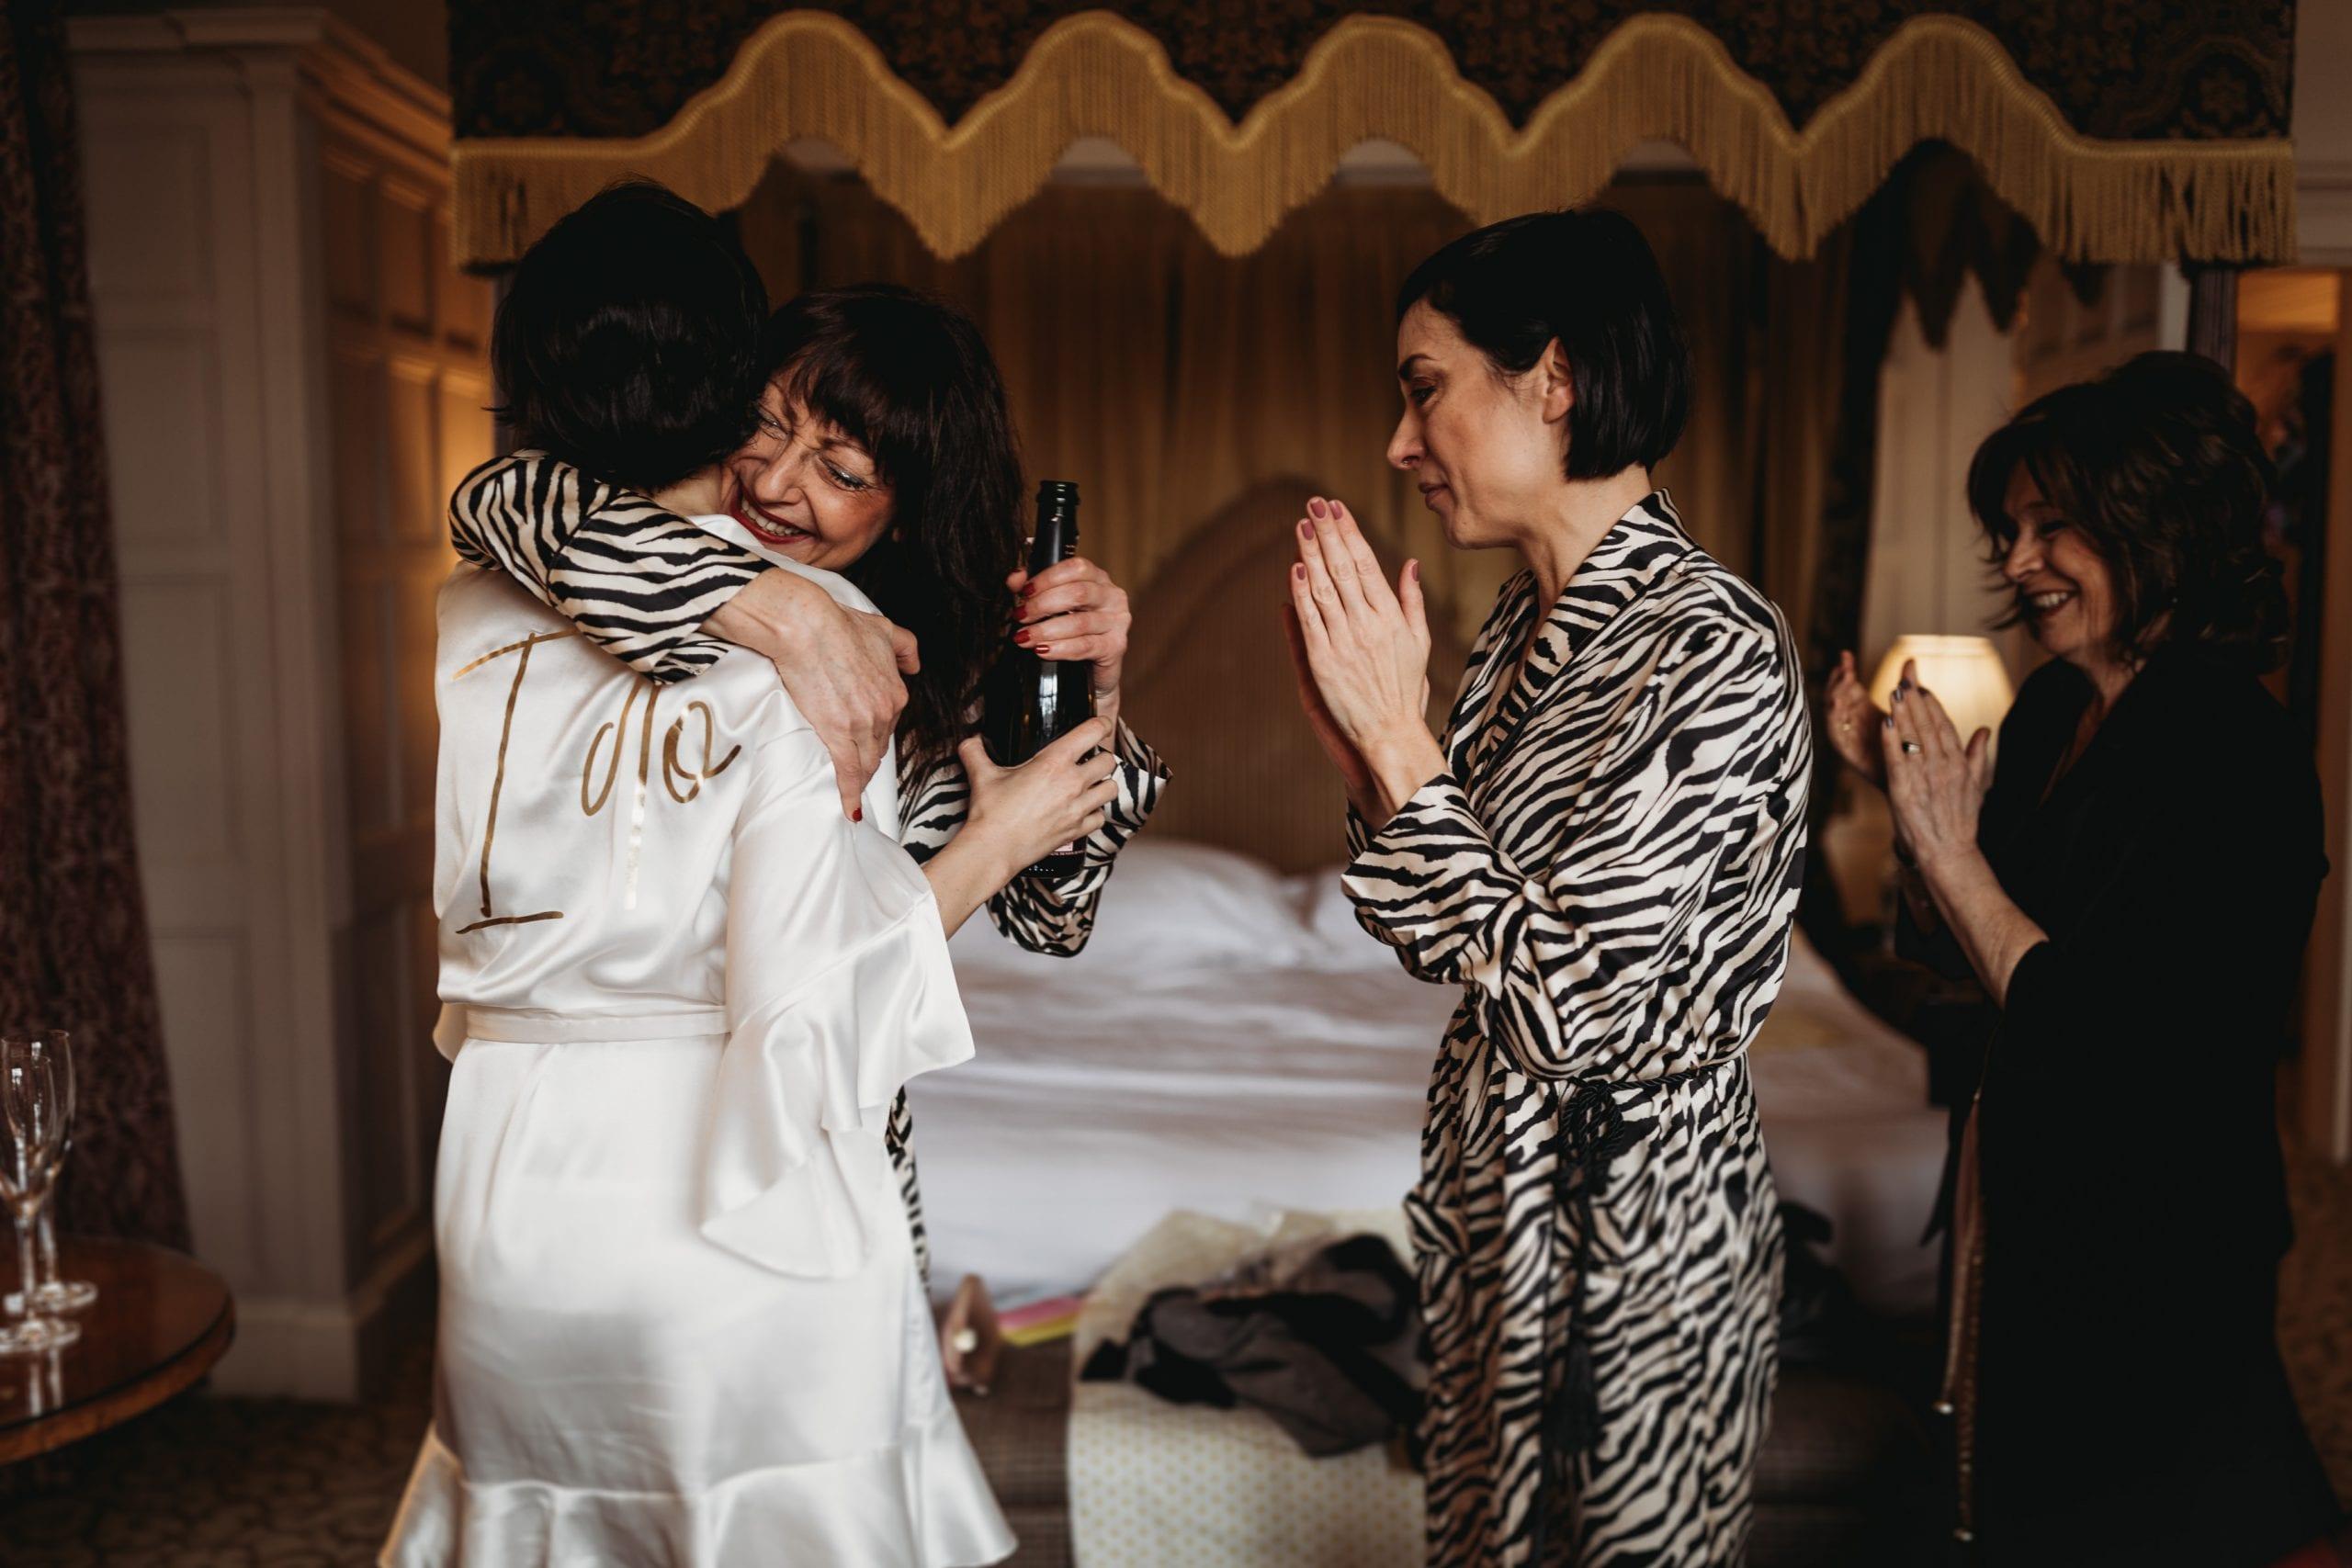 bridesmaid hugging bride at getting ready